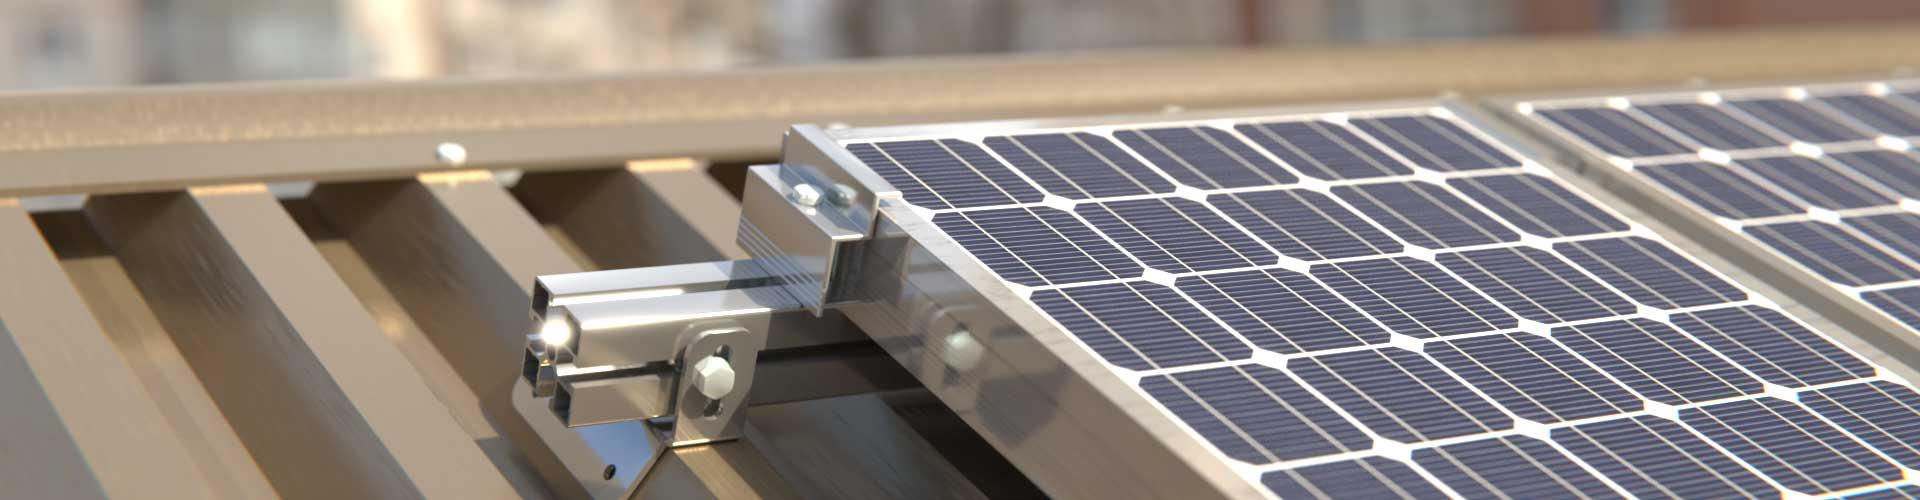 strutture_per_fotovoltaico_4